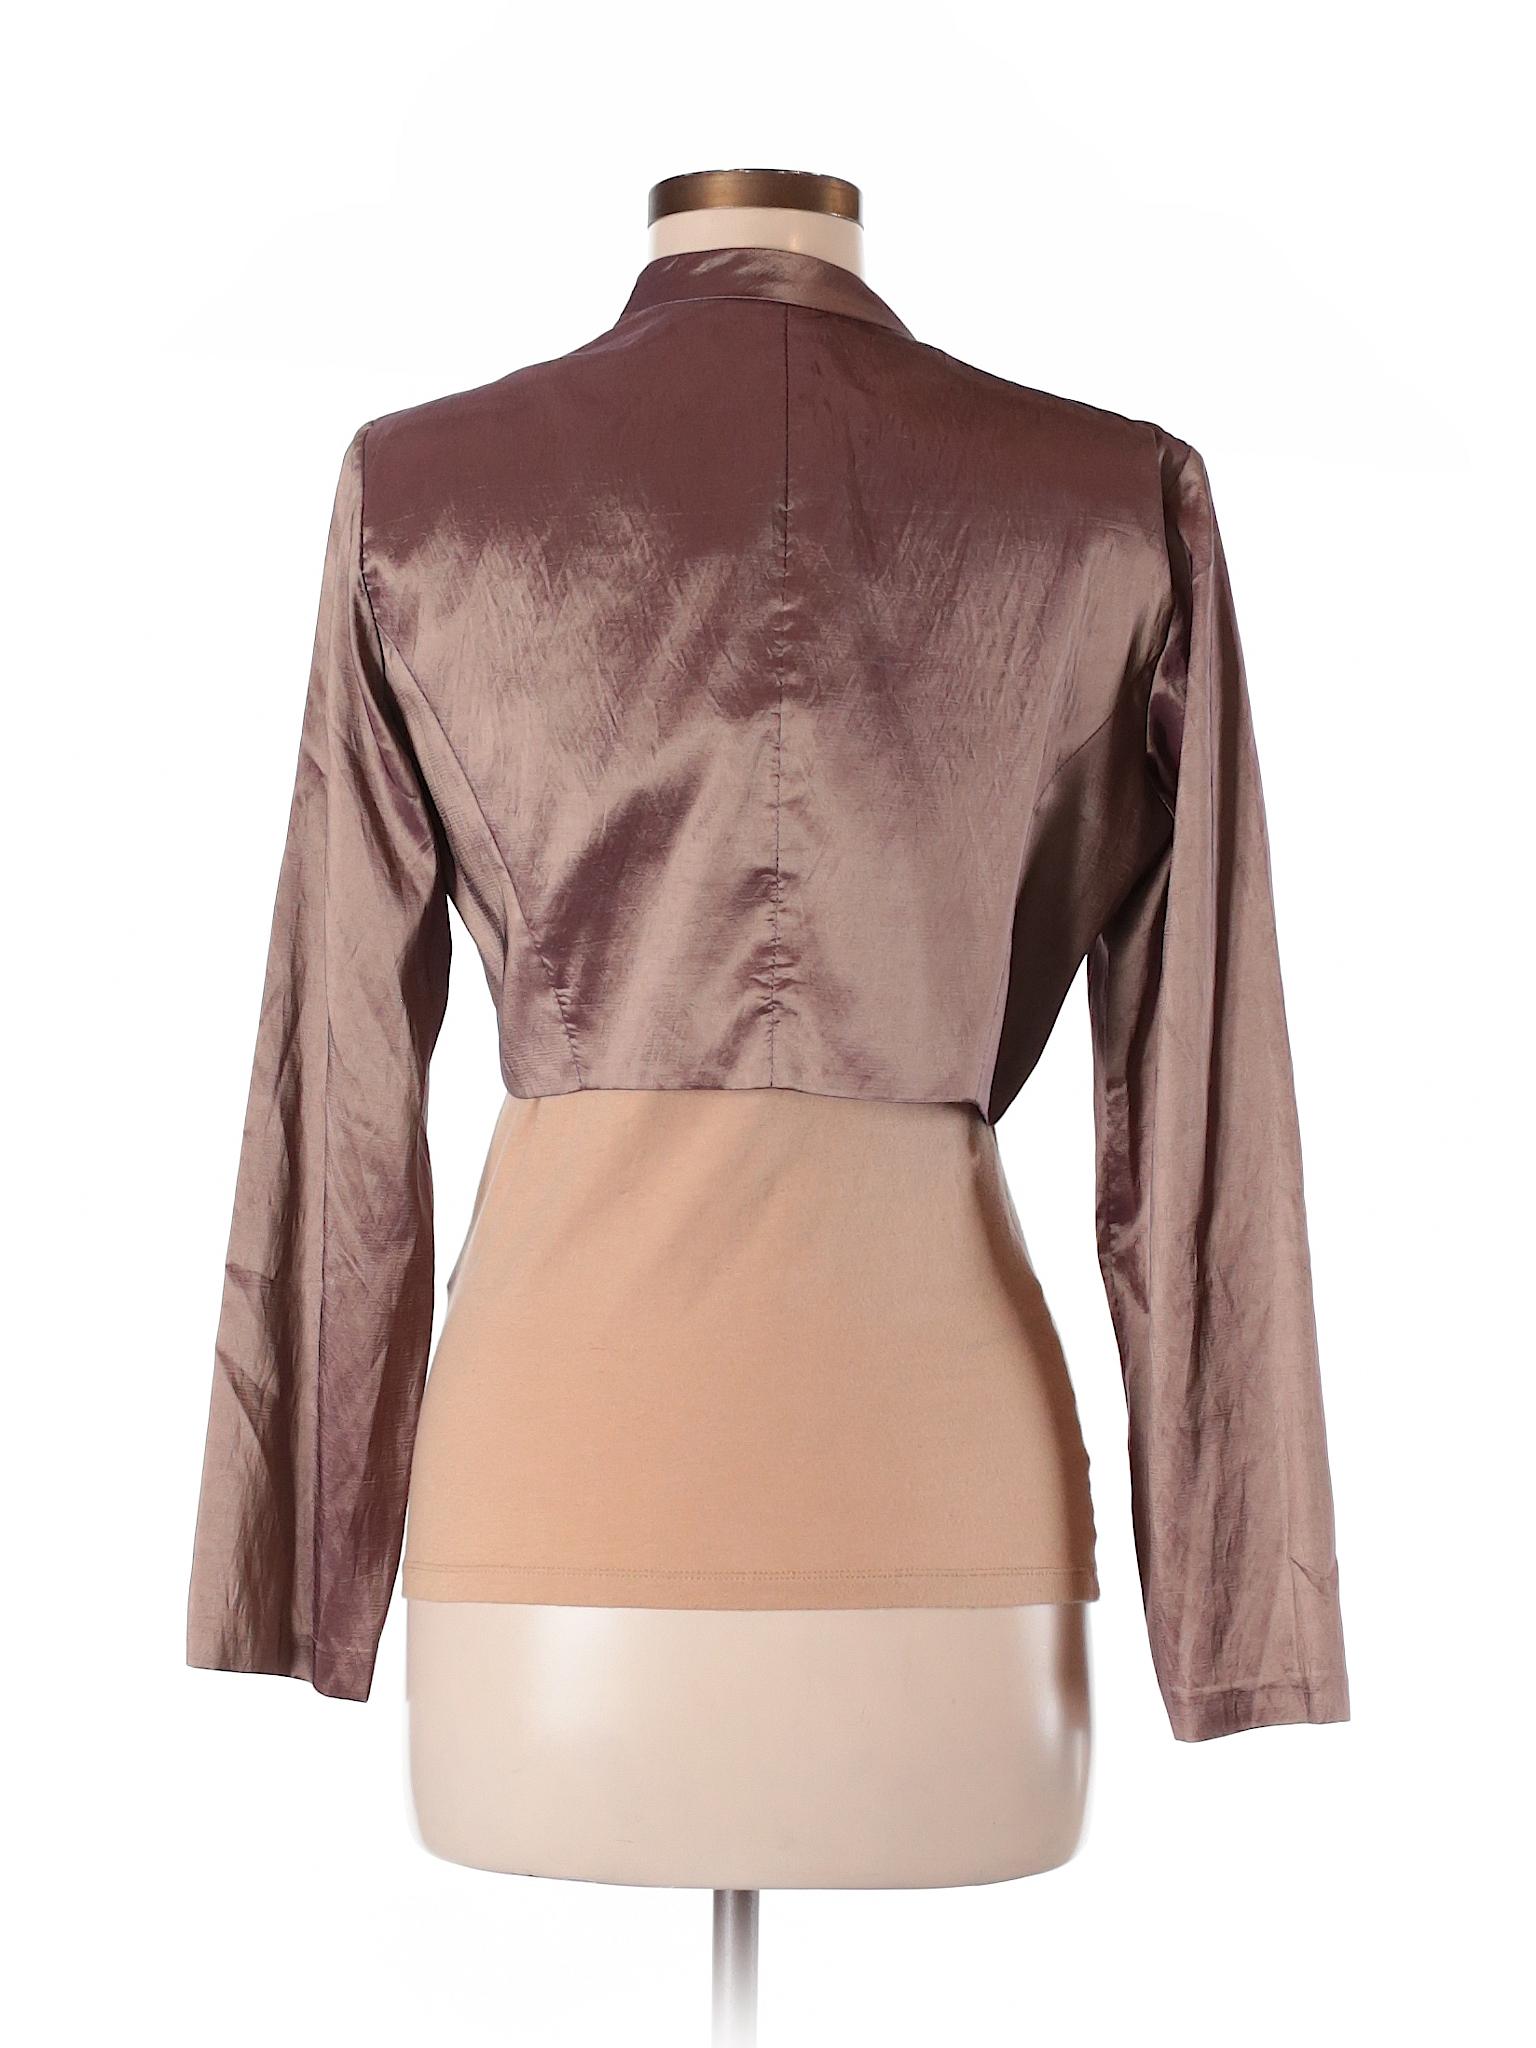 Boutique Nuit Boutique Jacket leisure La La leisure Nuit rPwvt5rq0